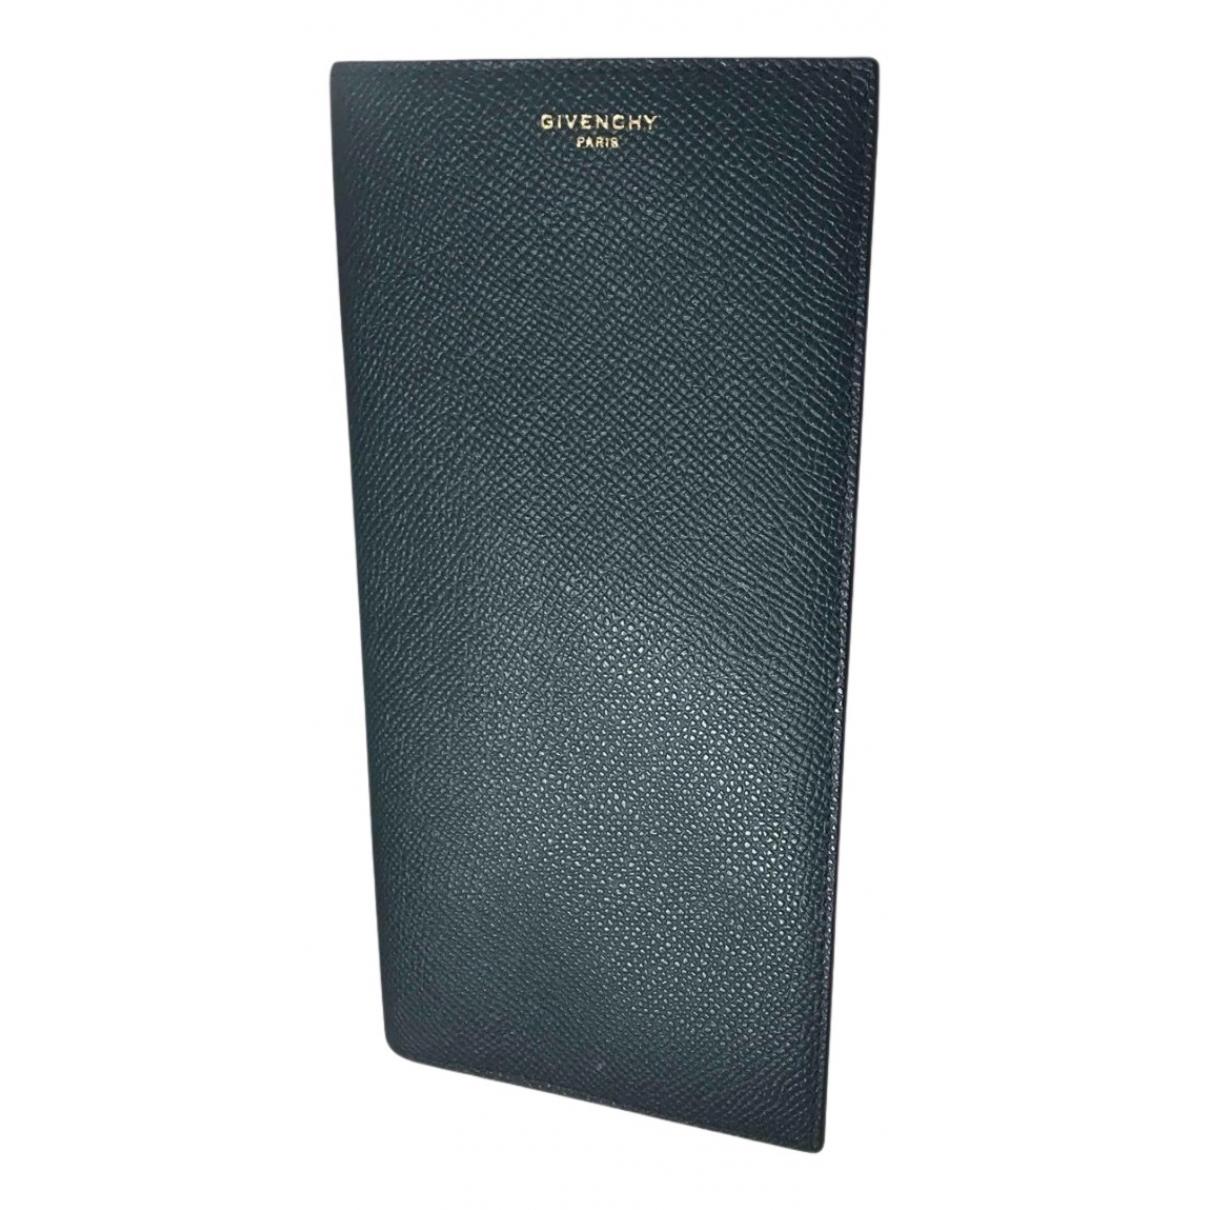 Givenchy - Petite maroquinerie   pour homme en cuir - vert